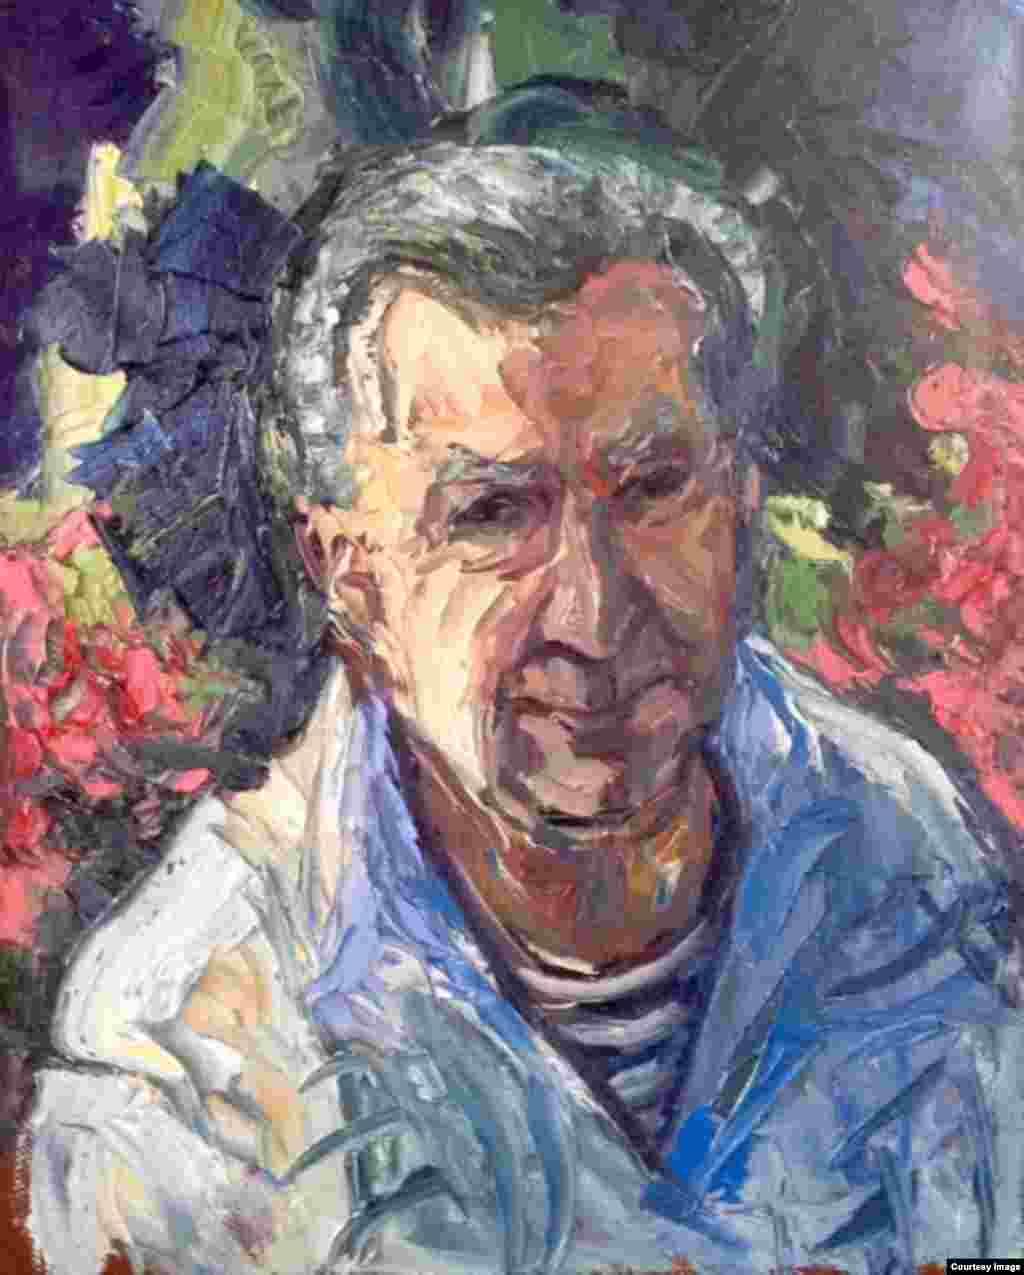 Юрий Борисович Вагурин (1950). Деревенский киномеханик. Уже находясь в отделении, потерял зрение. Плохо слышит.